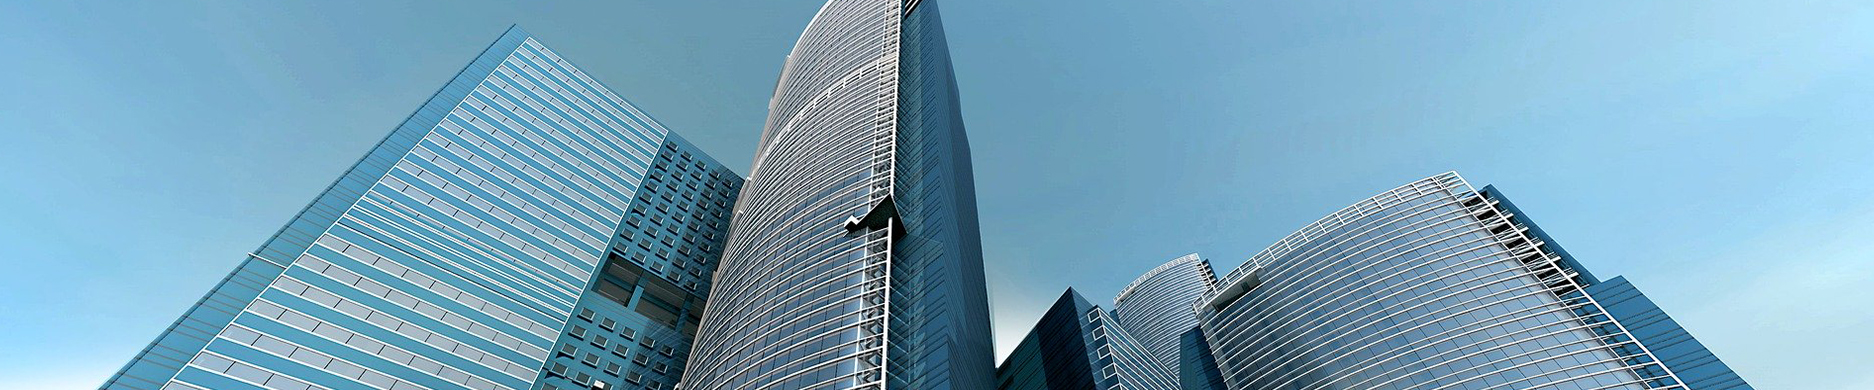 Banken Skyline